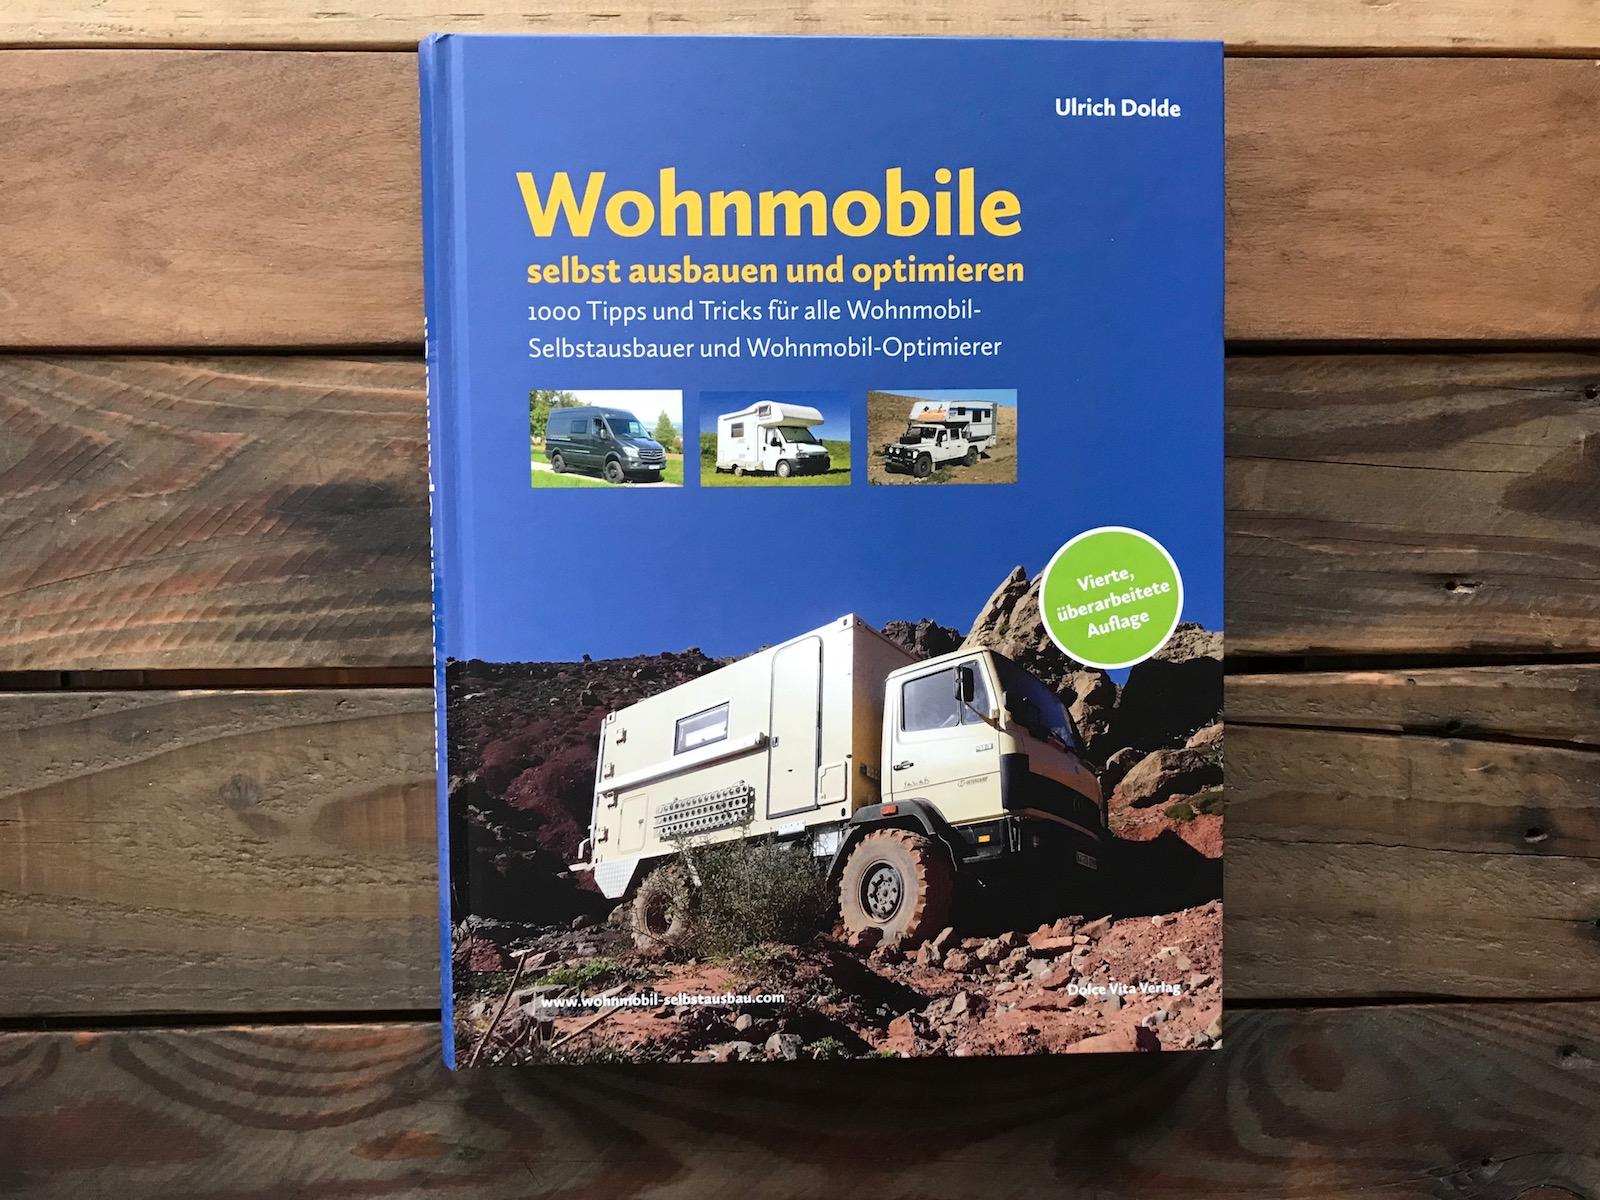 Outdoor Küche Buch : Buch outdoor küche wohnwagen küche erneuern leinwandbild küche